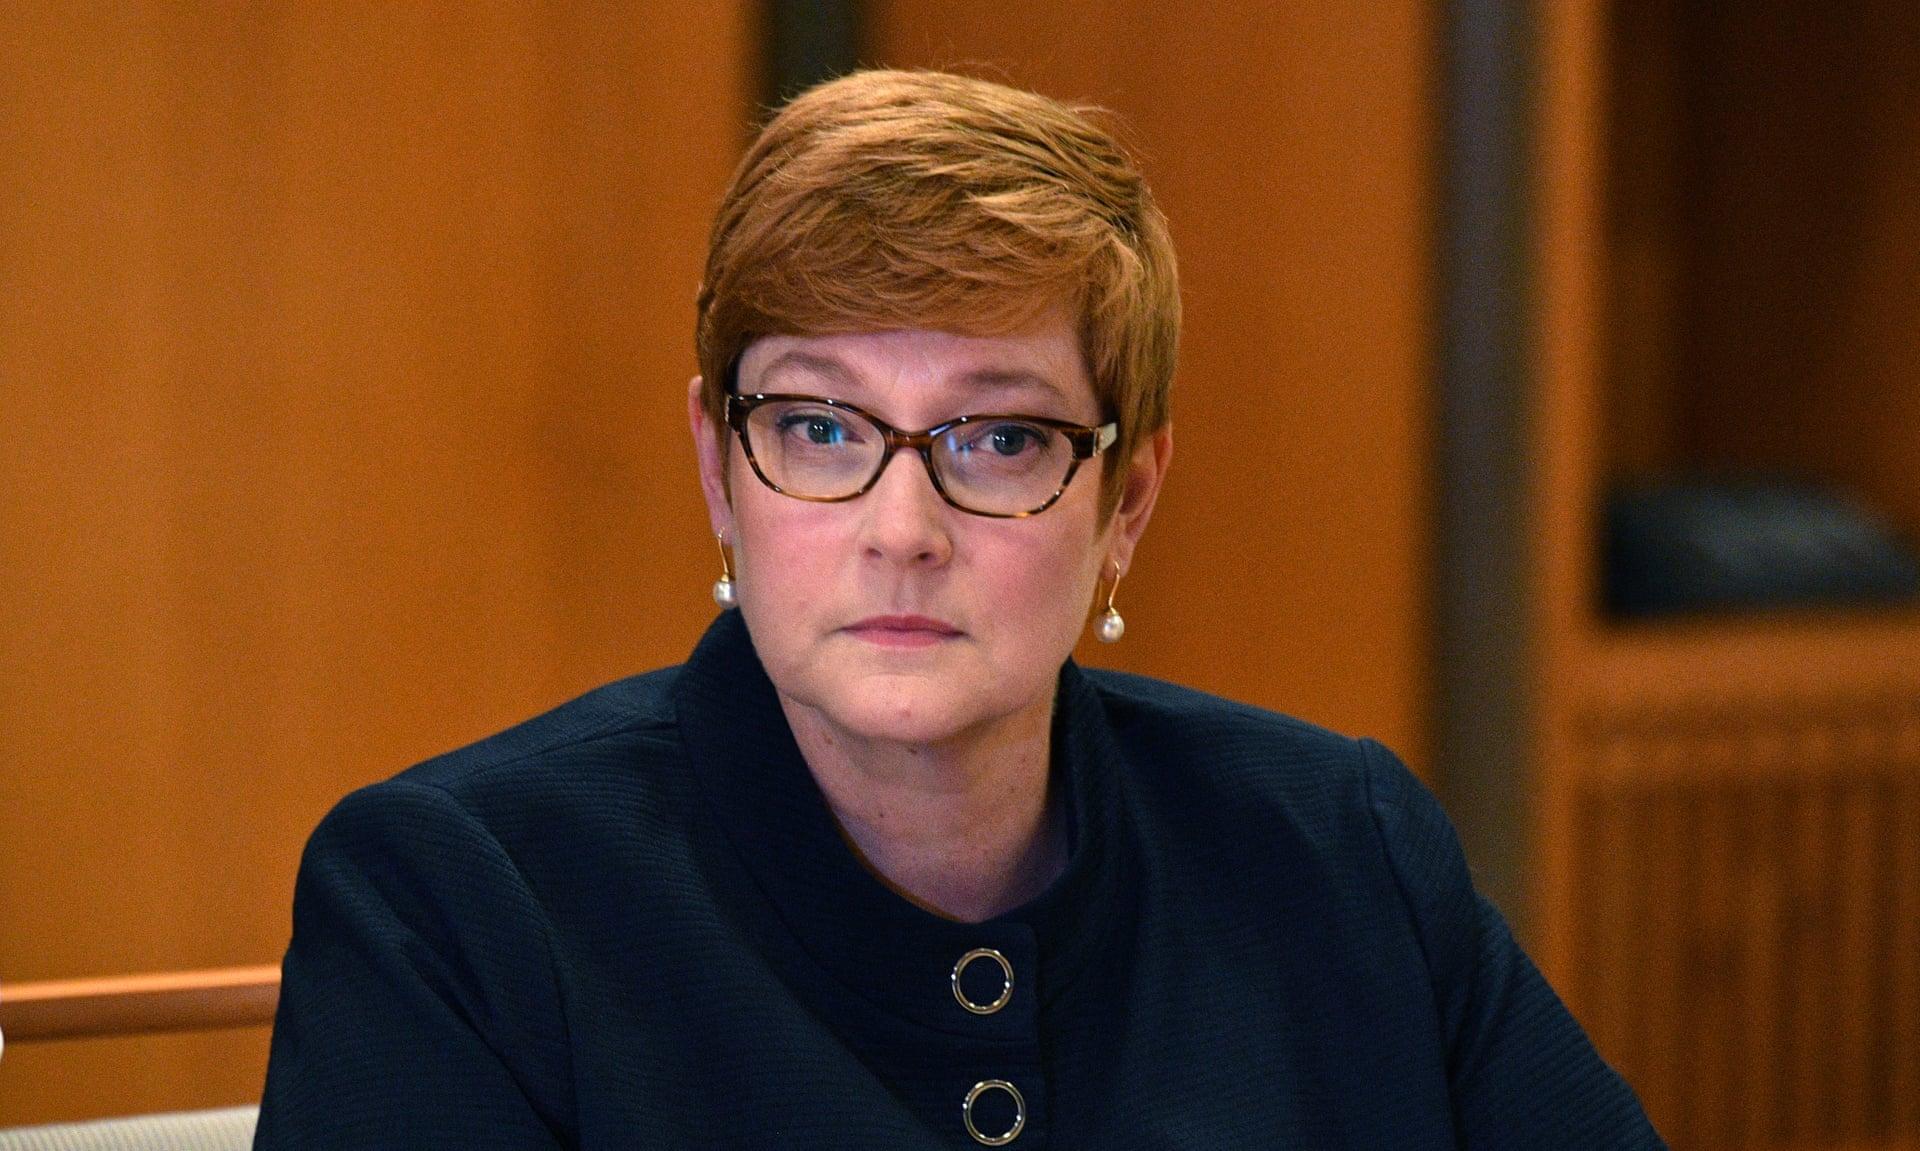 وزیر امور خارجه جدید استرالیا کیست؟